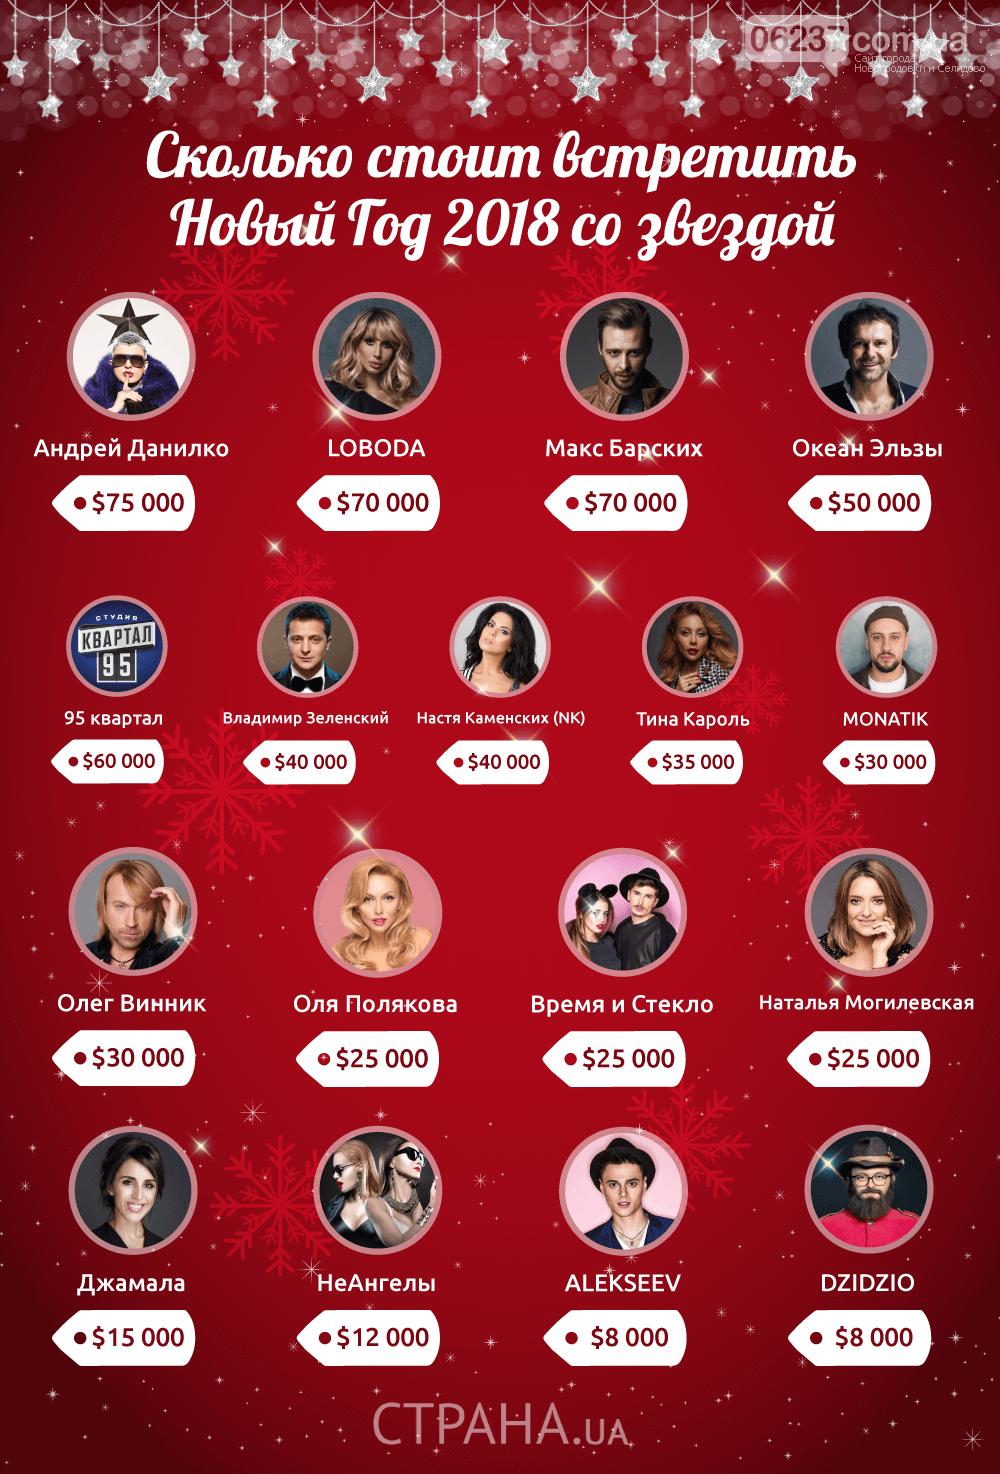 $75 тысяч за вечер: сколько зарабатывают украинские звезды на новогодних корпоративах, фото-1